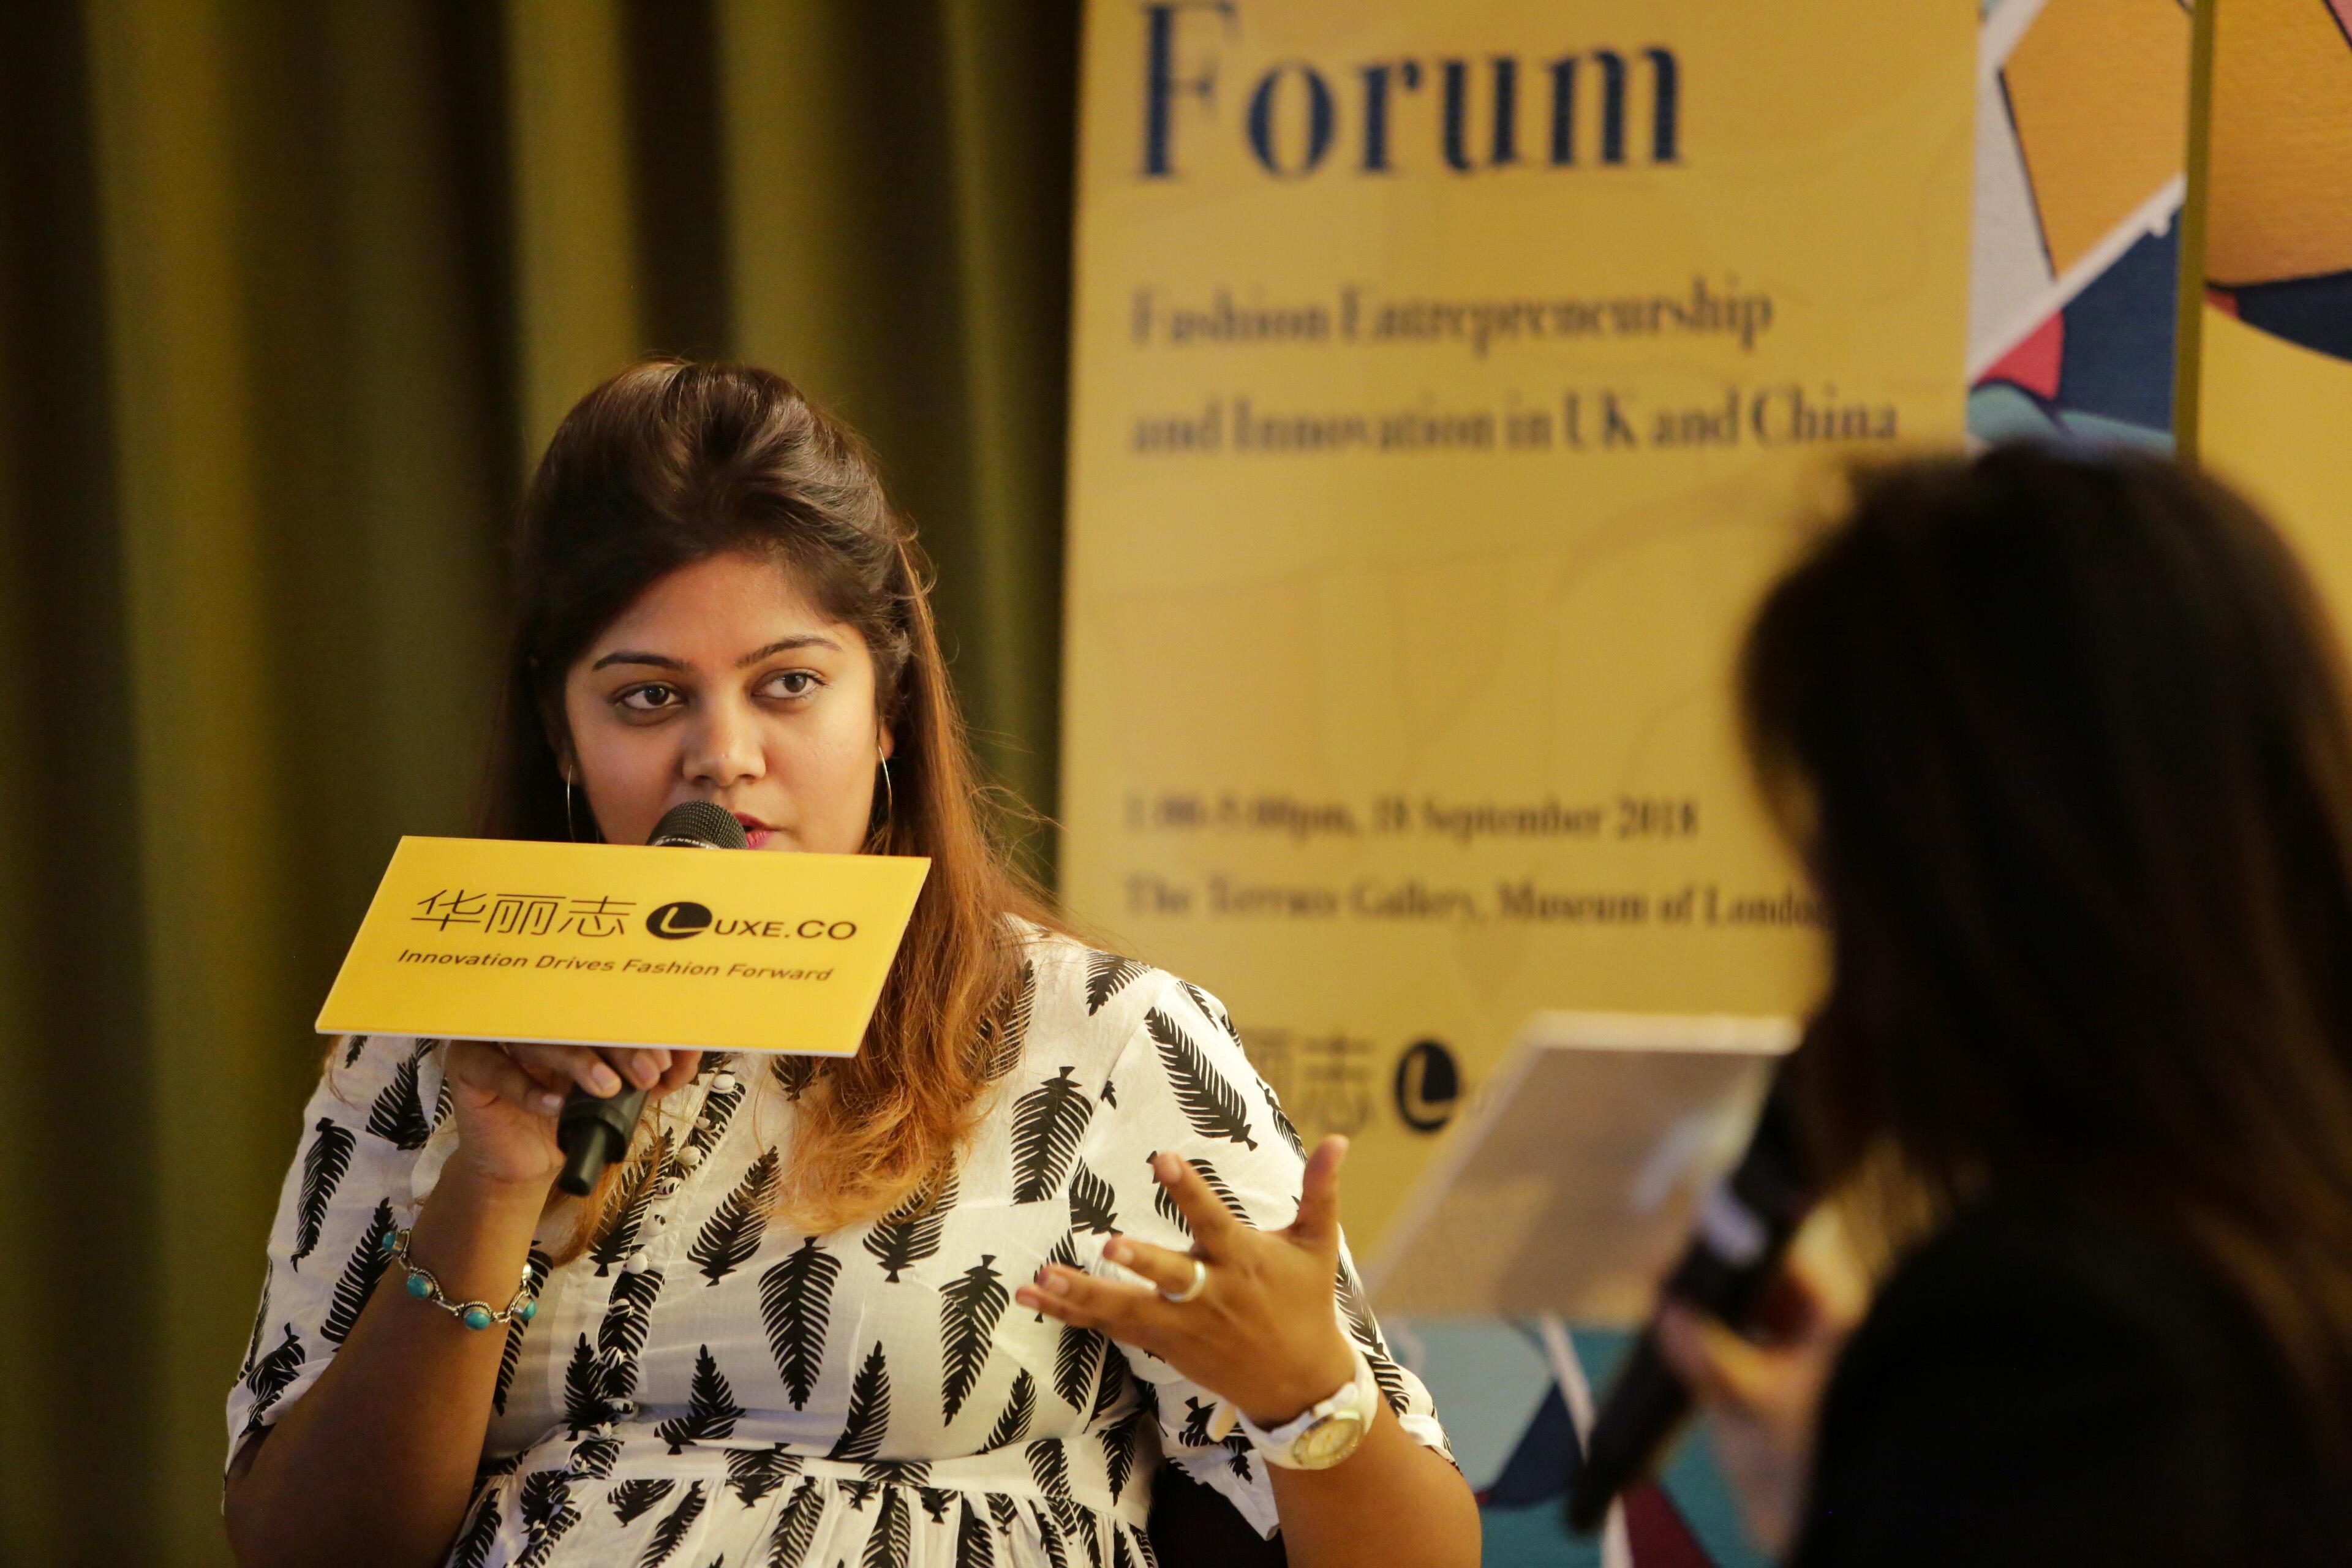 华丽志伦敦论坛 对话伦敦时尚商业孵化器 CFE 项目主管 Ishwari Thopte